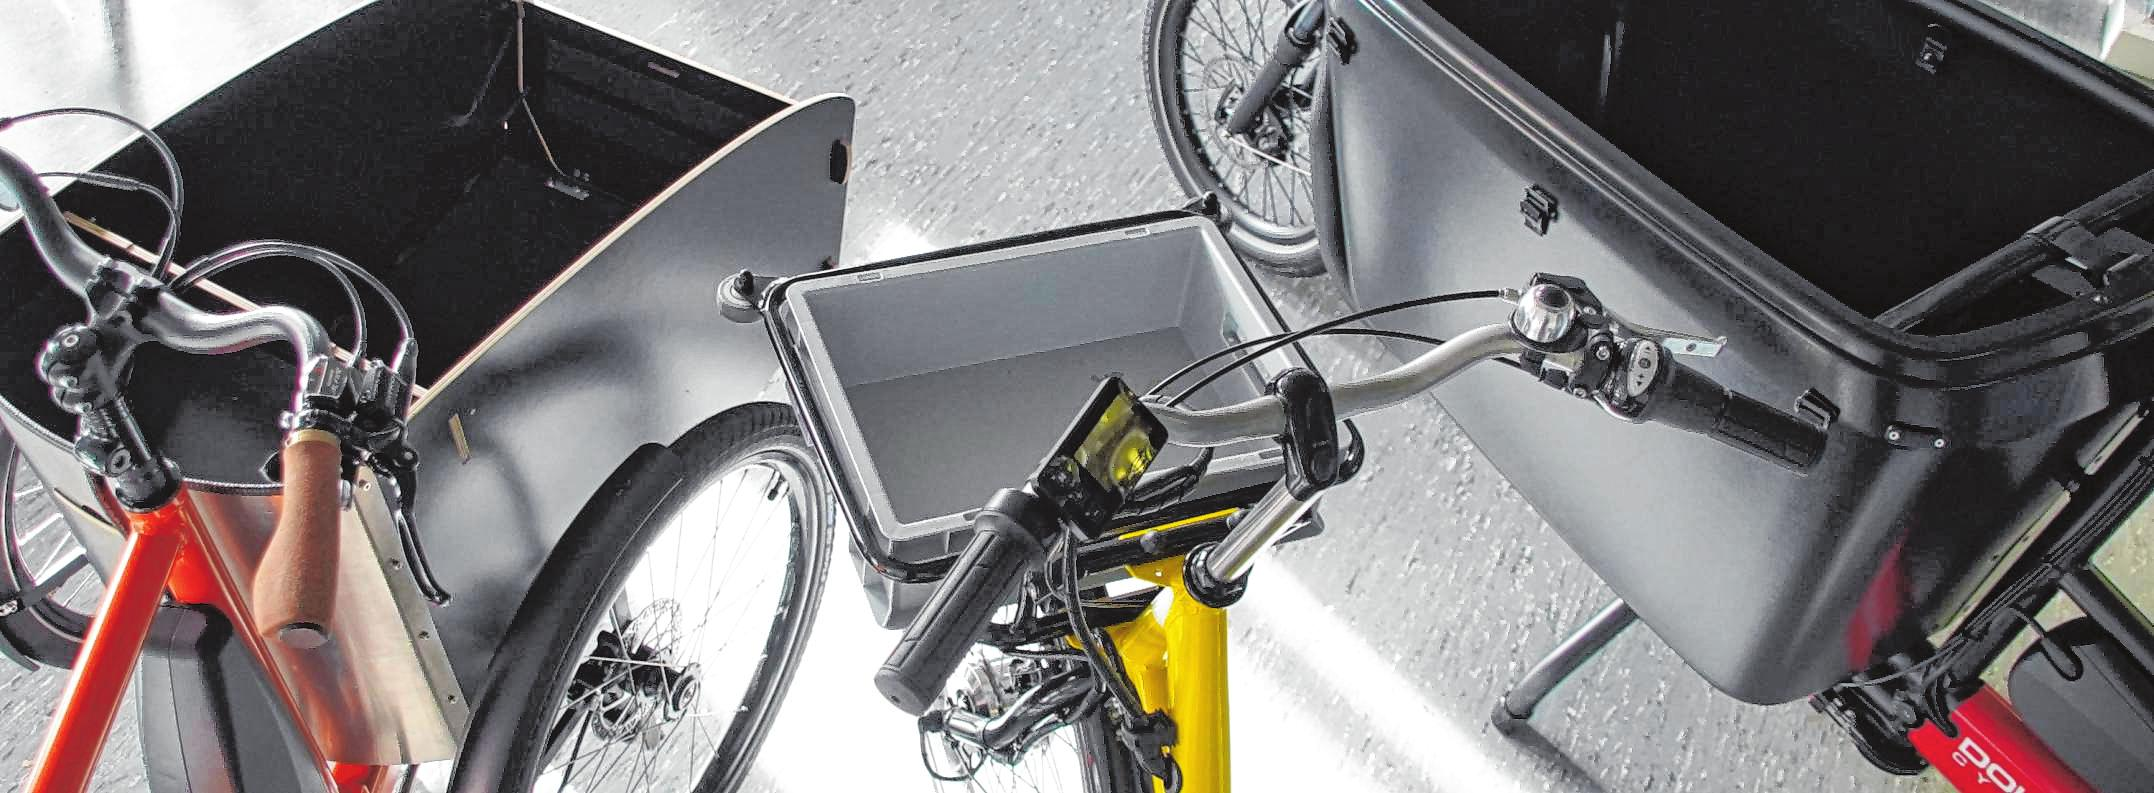 Die Transportboxen der E-Cargo-Bikes können unterschiedlich ausgestattet sein – etwa für Handwerker oder für Lieferdienste. Bild: Thomas Zelinger